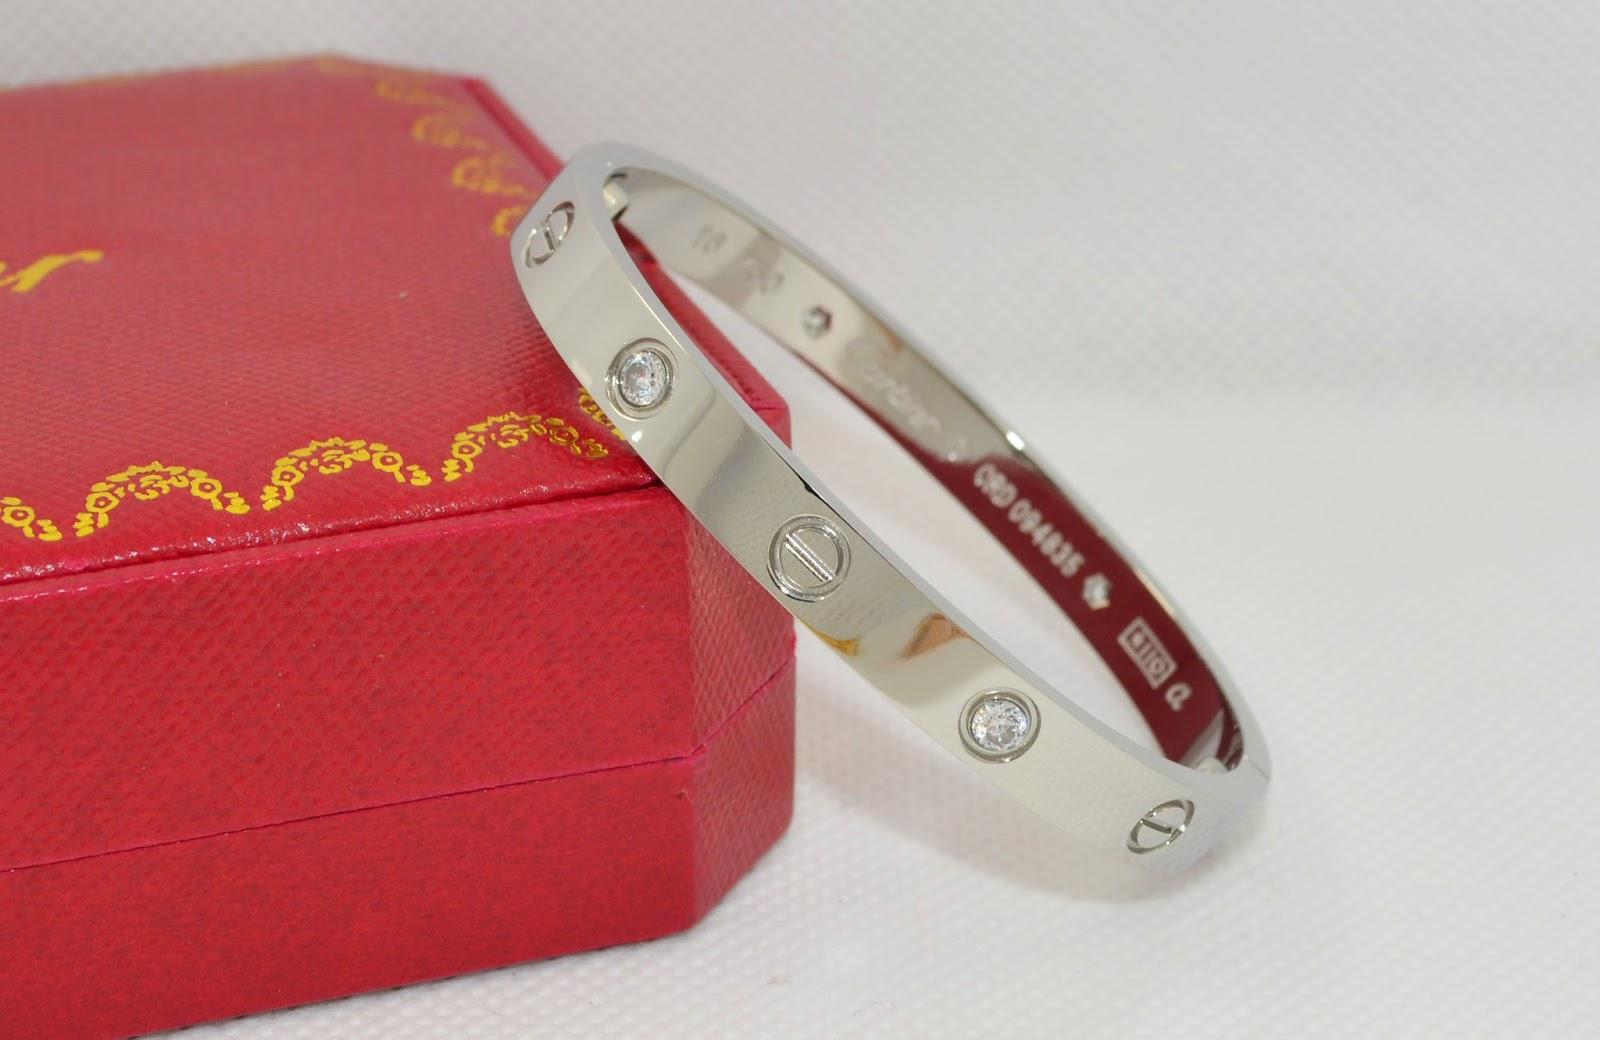 Top Quality Replica Cartier Love Bracelet Cheap Review